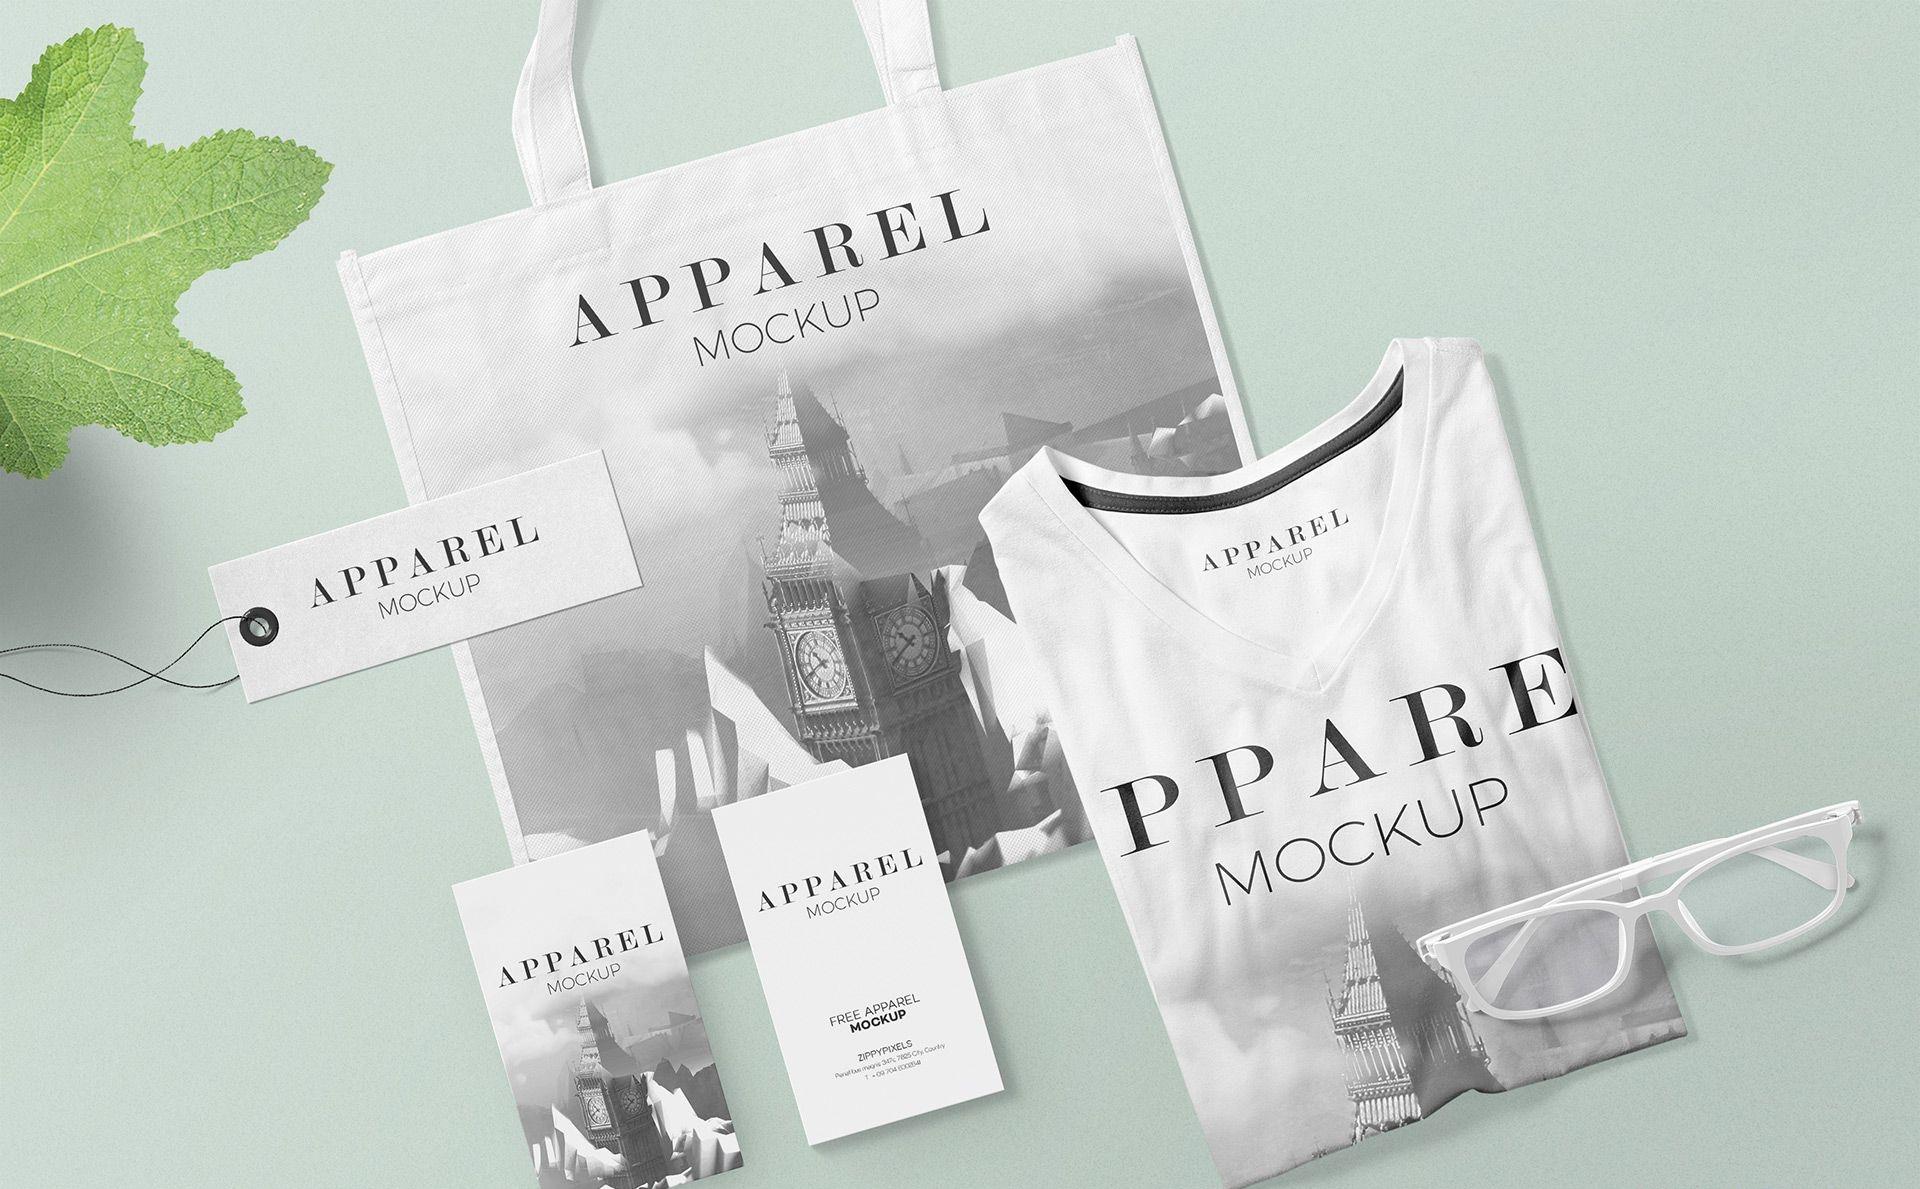 多彩服装及手提袋样及标签场景样机展示 Modish Apparel Mockup